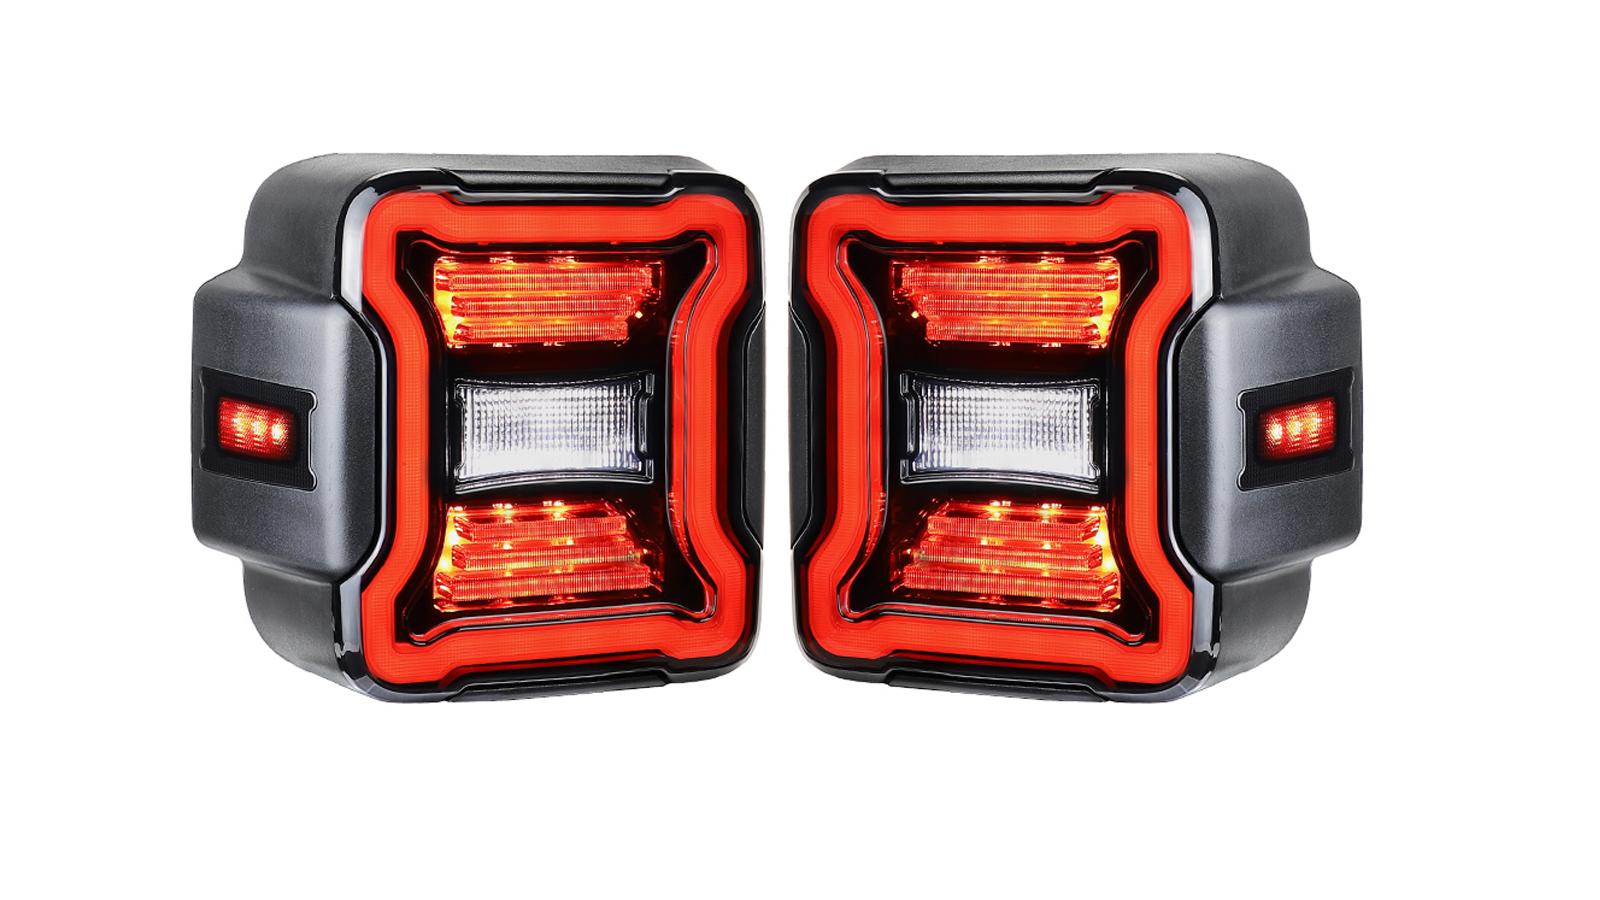 الولايات المتحدة الأمريكية نسخة لعام 2018 2019 جيب رانجلر JL LED الذيل ضوء الفرامل عكس بدوره إشارة المصابيح الخلفية